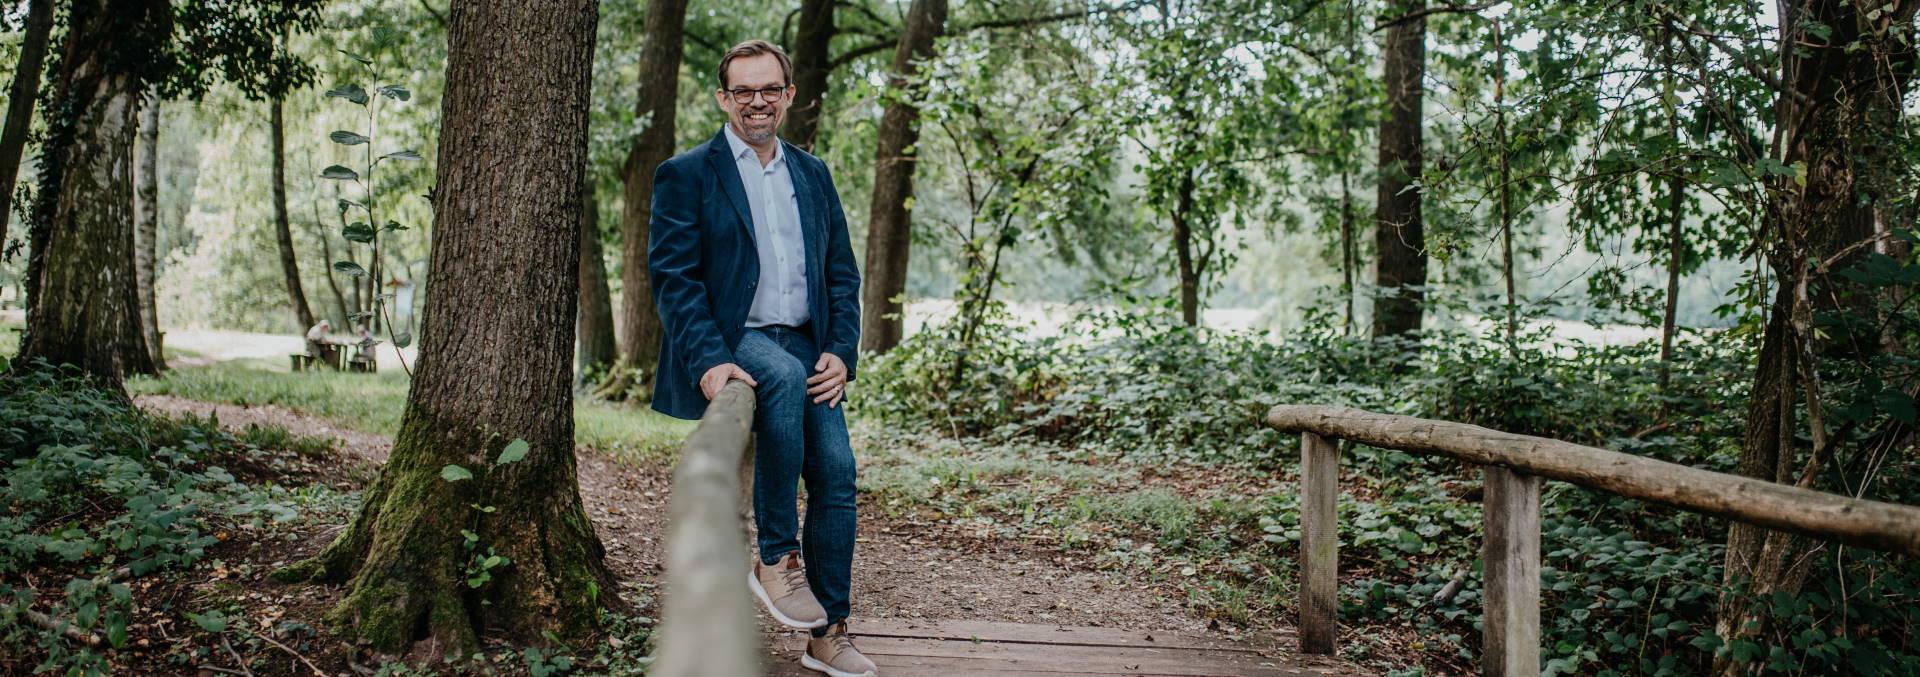 Teamentwicklung - Team - Coaching - Führungskräfte Entwicklung - Oliver Beyer